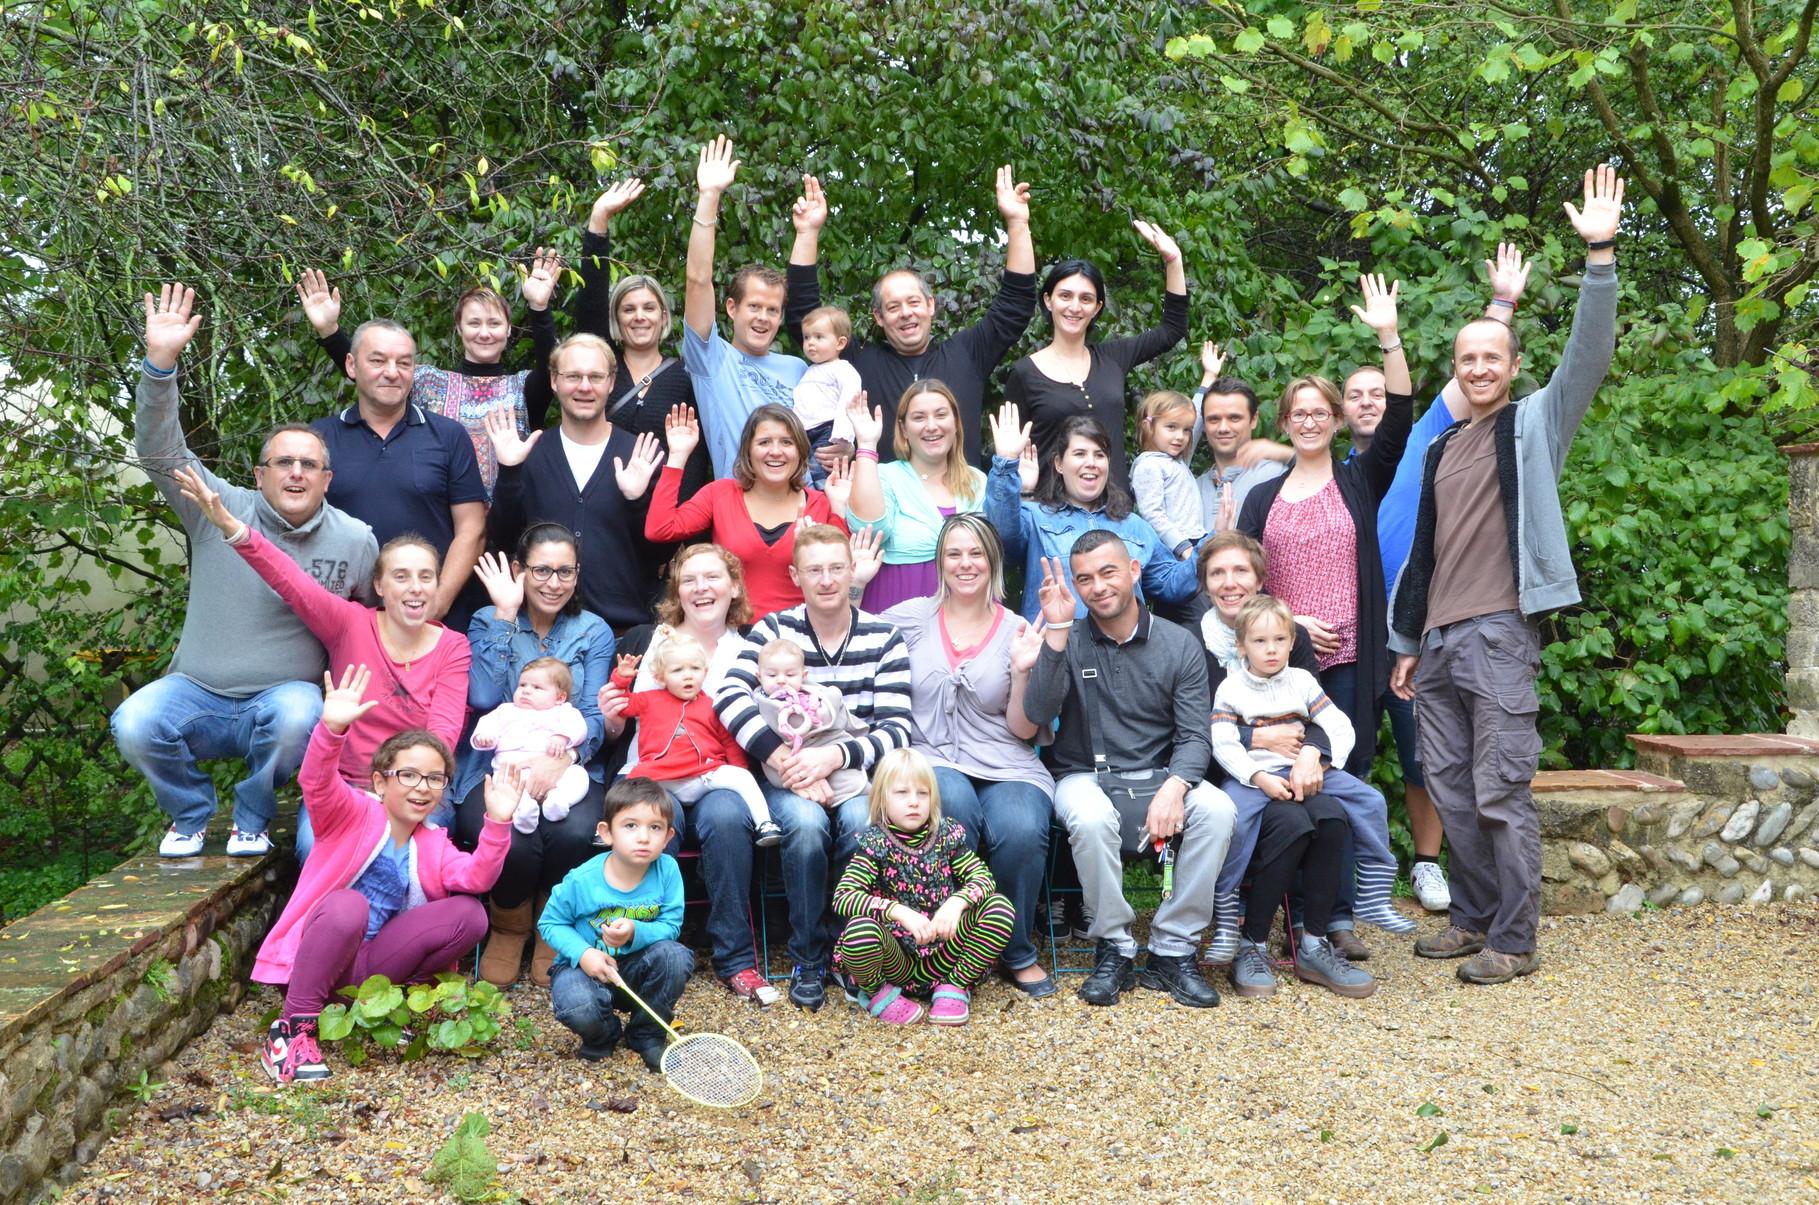 Les 13 familles présentes!